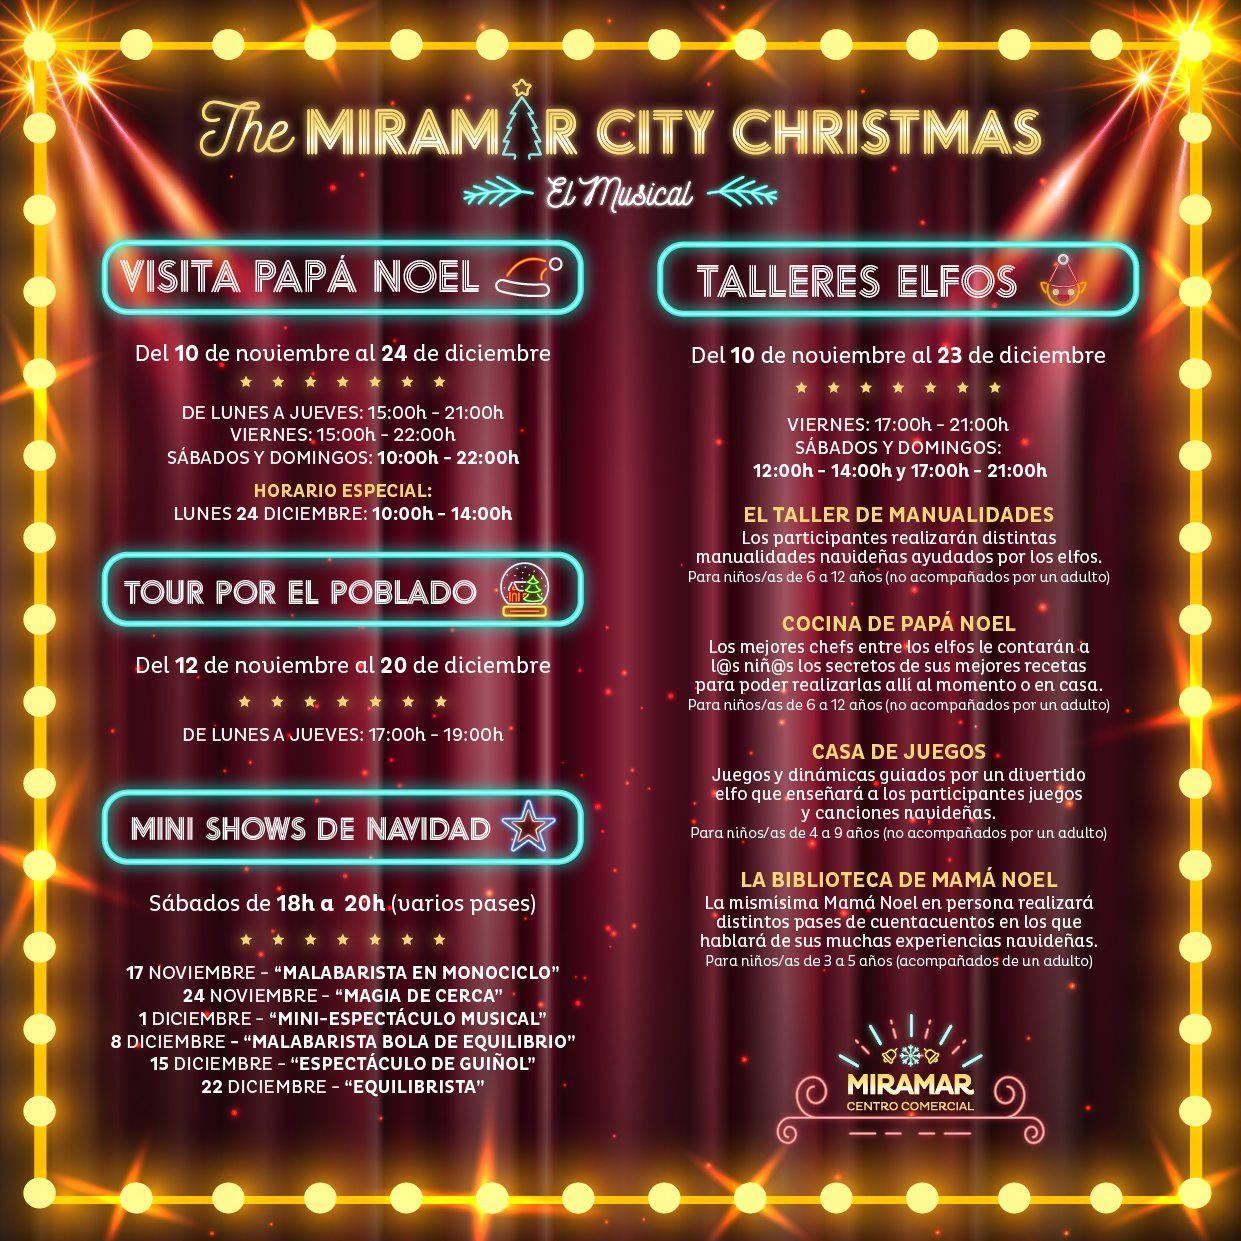 Talleres De Navidad Gratis Para Ninos En El Cc Miramar De Fuengirola